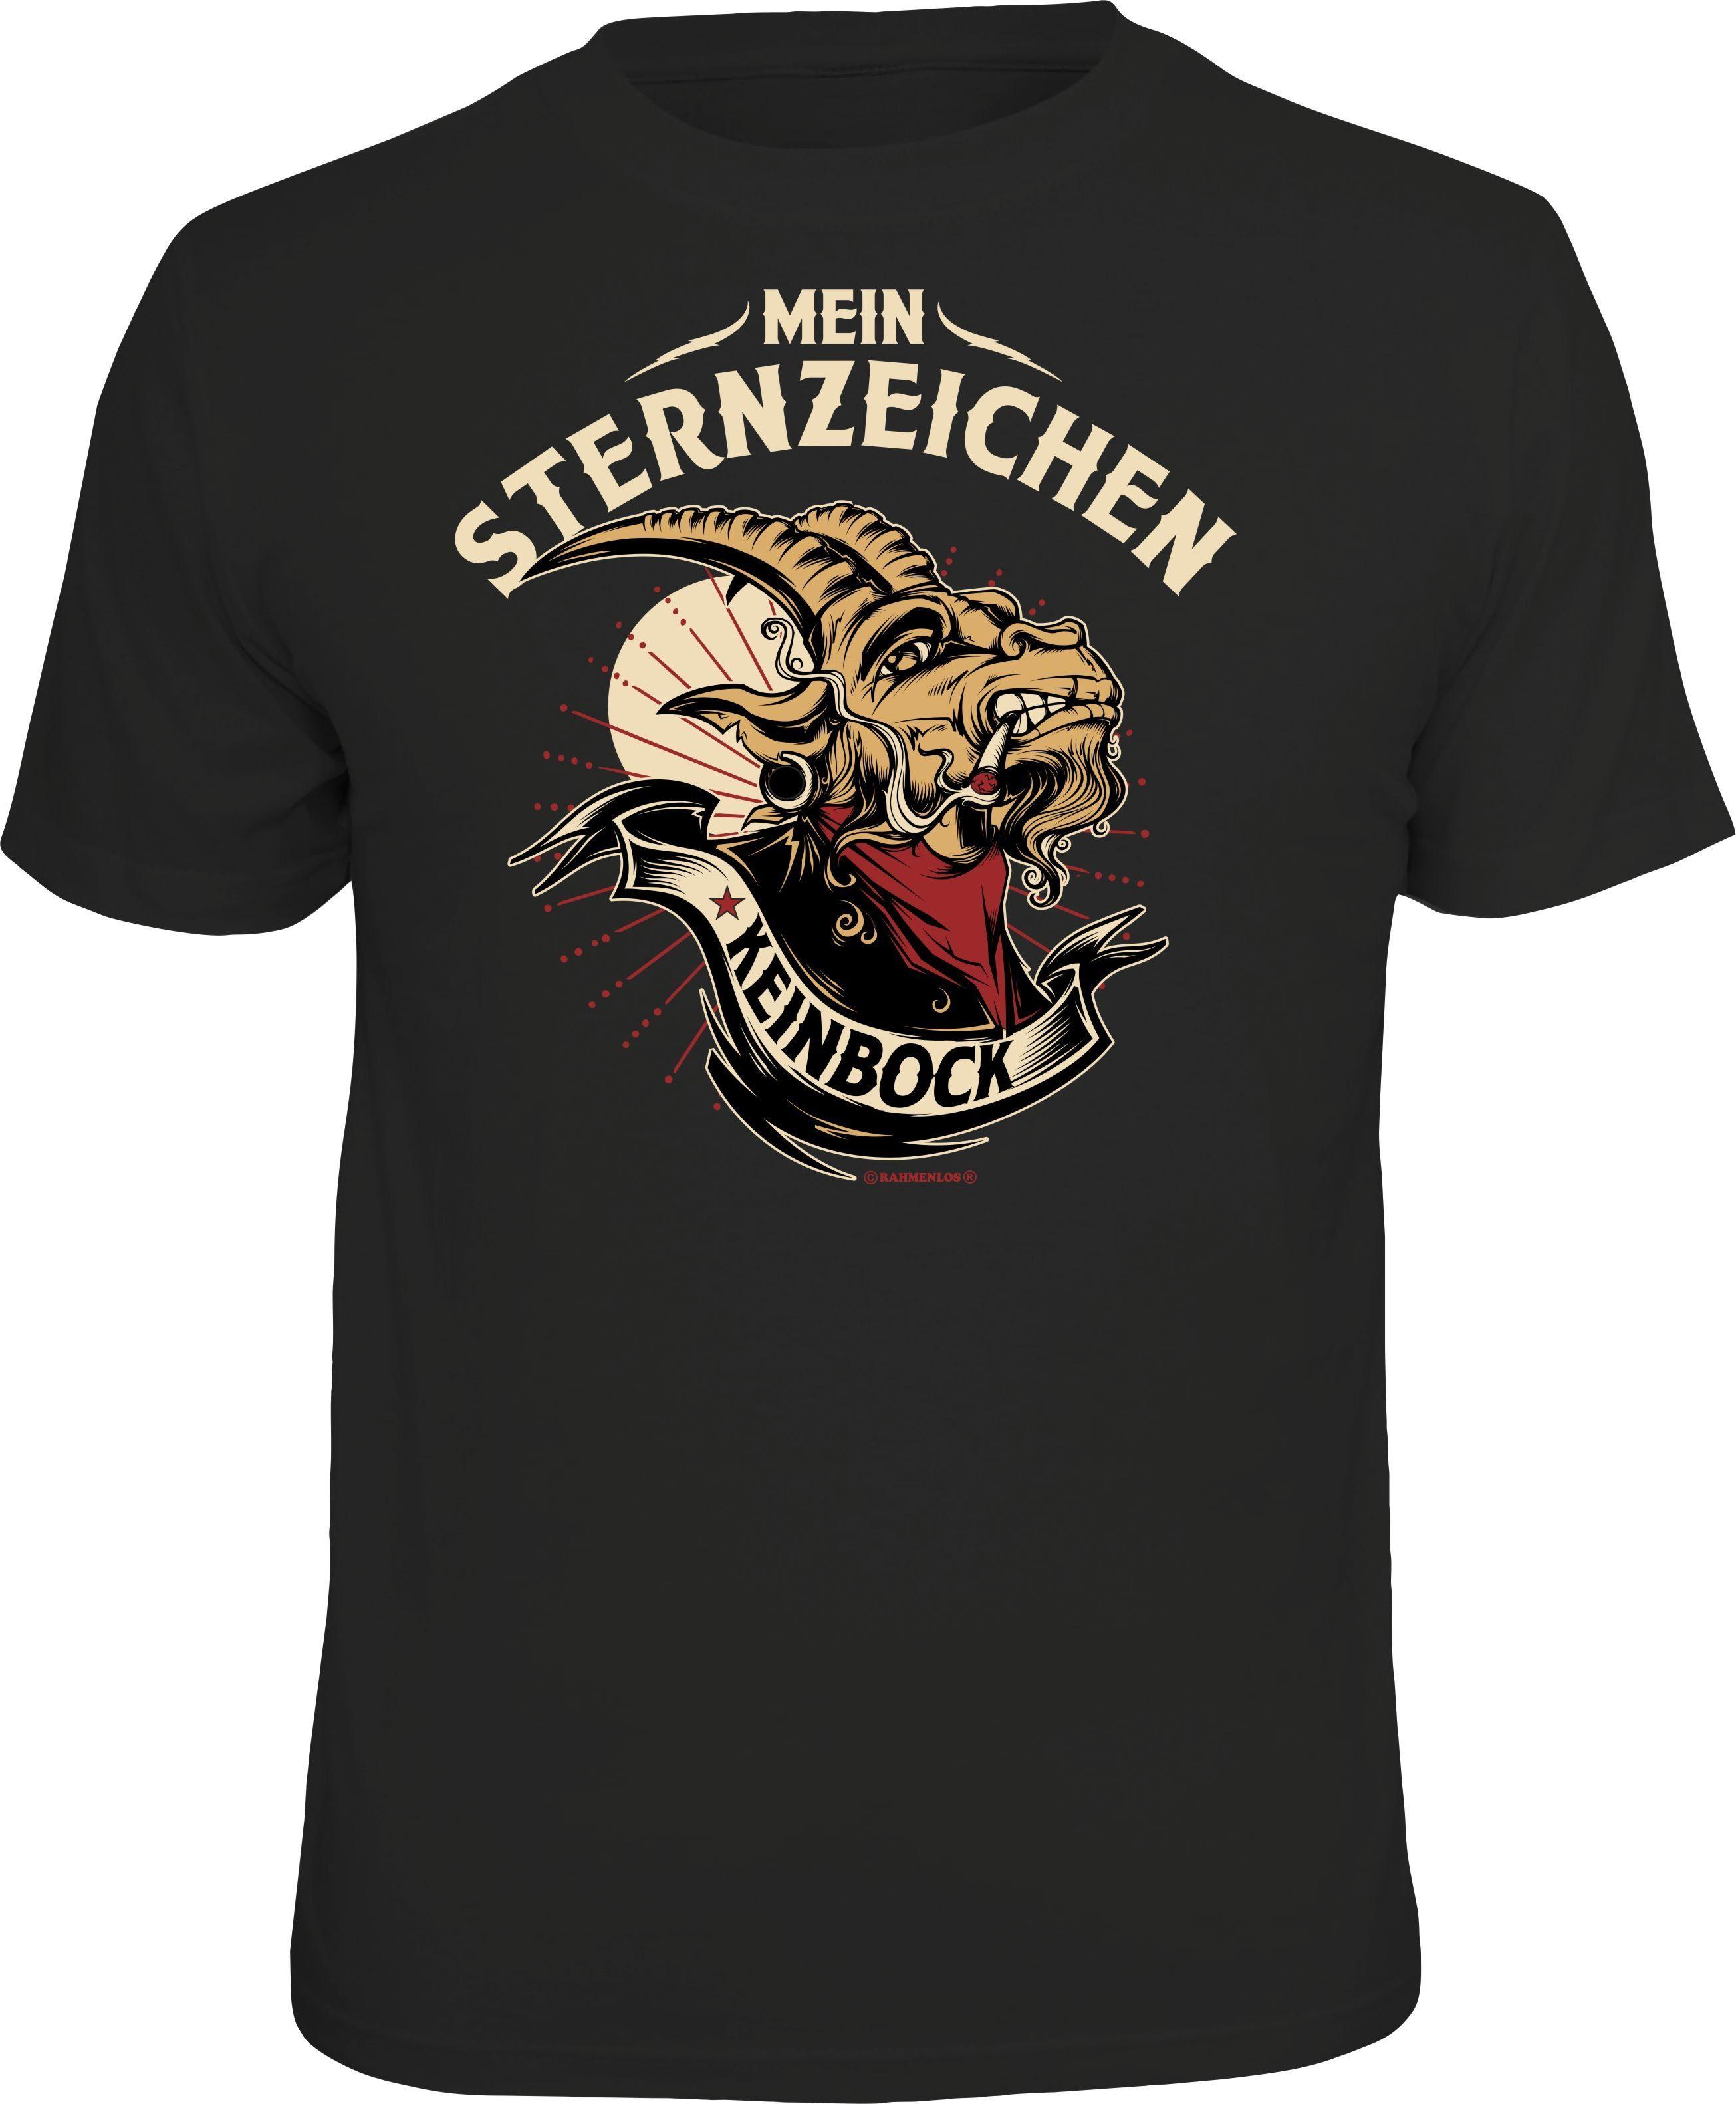 Herren Rahmenlos T-Shirt mit lustigem Keinbock Sternzeichen-Print schwarz | 04052743920066